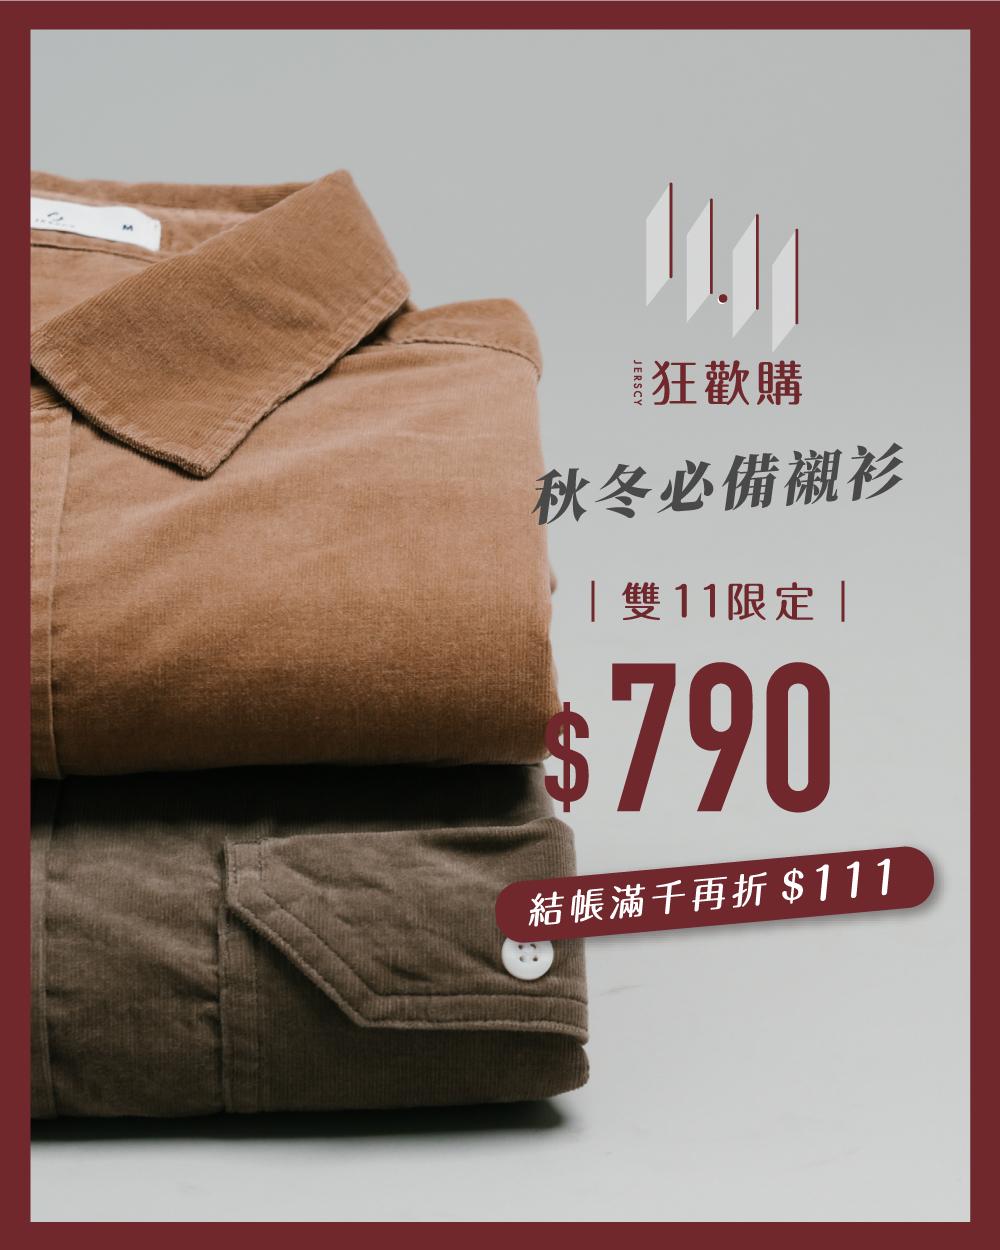 jerscy,最新商品,燈芯絨襯衫